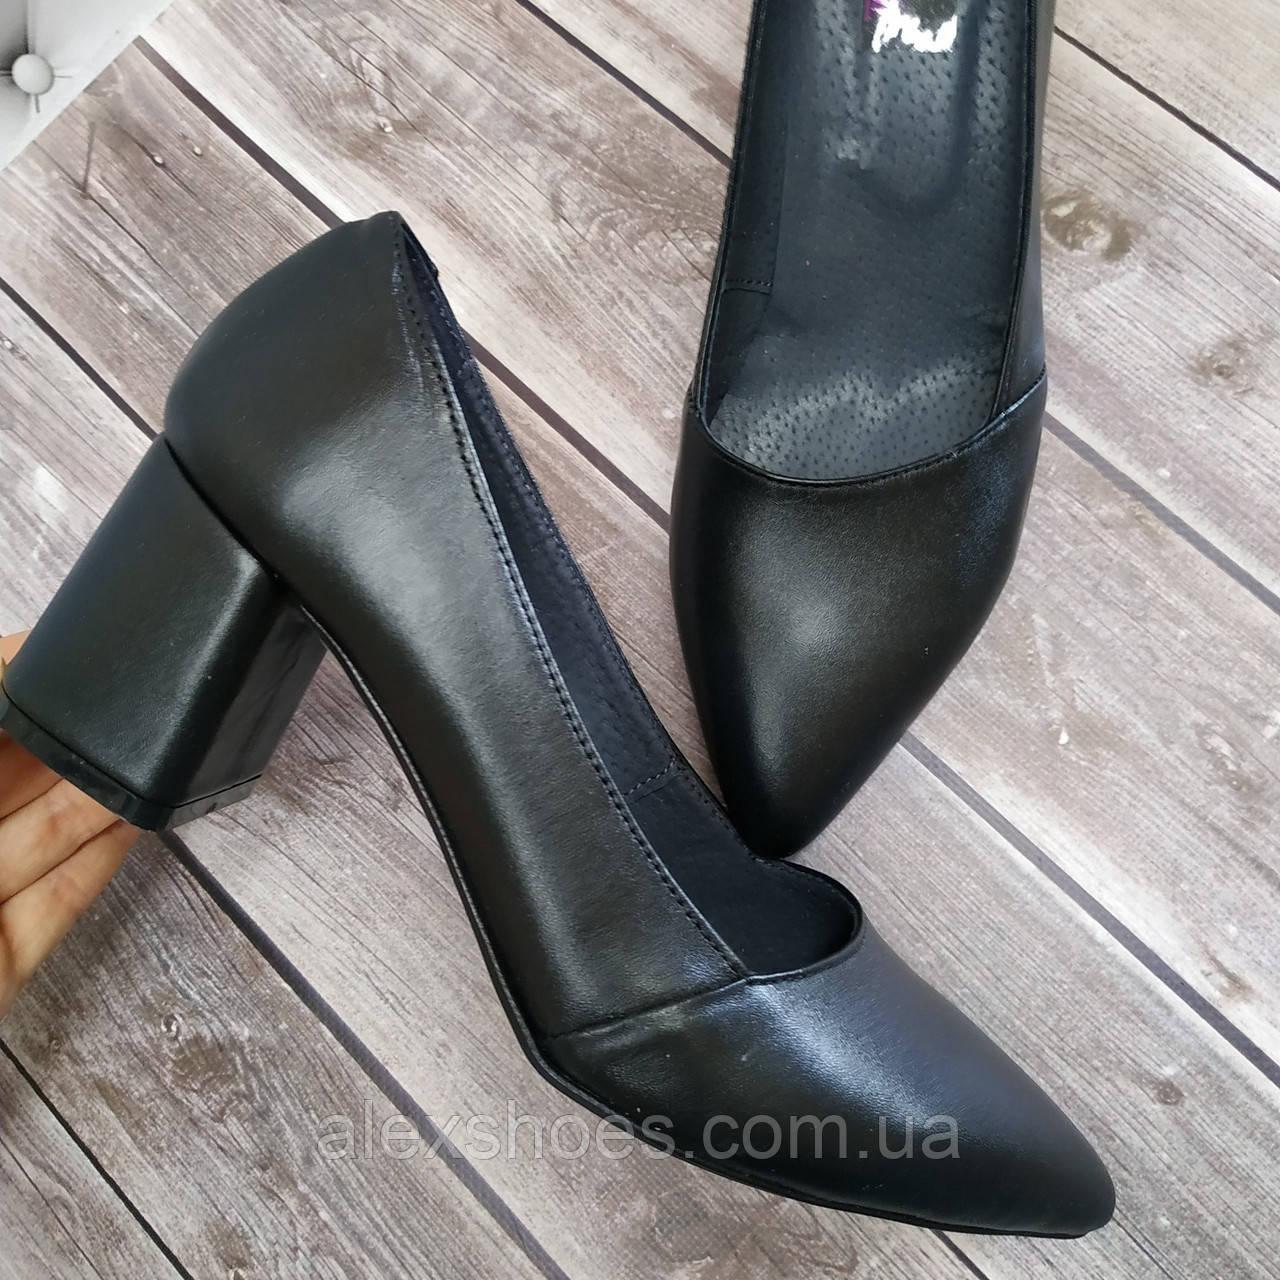 Туфлі жіночі на середньому каблуці з натуральної шкіри або замші від виробника модель НИ6057-1ОК